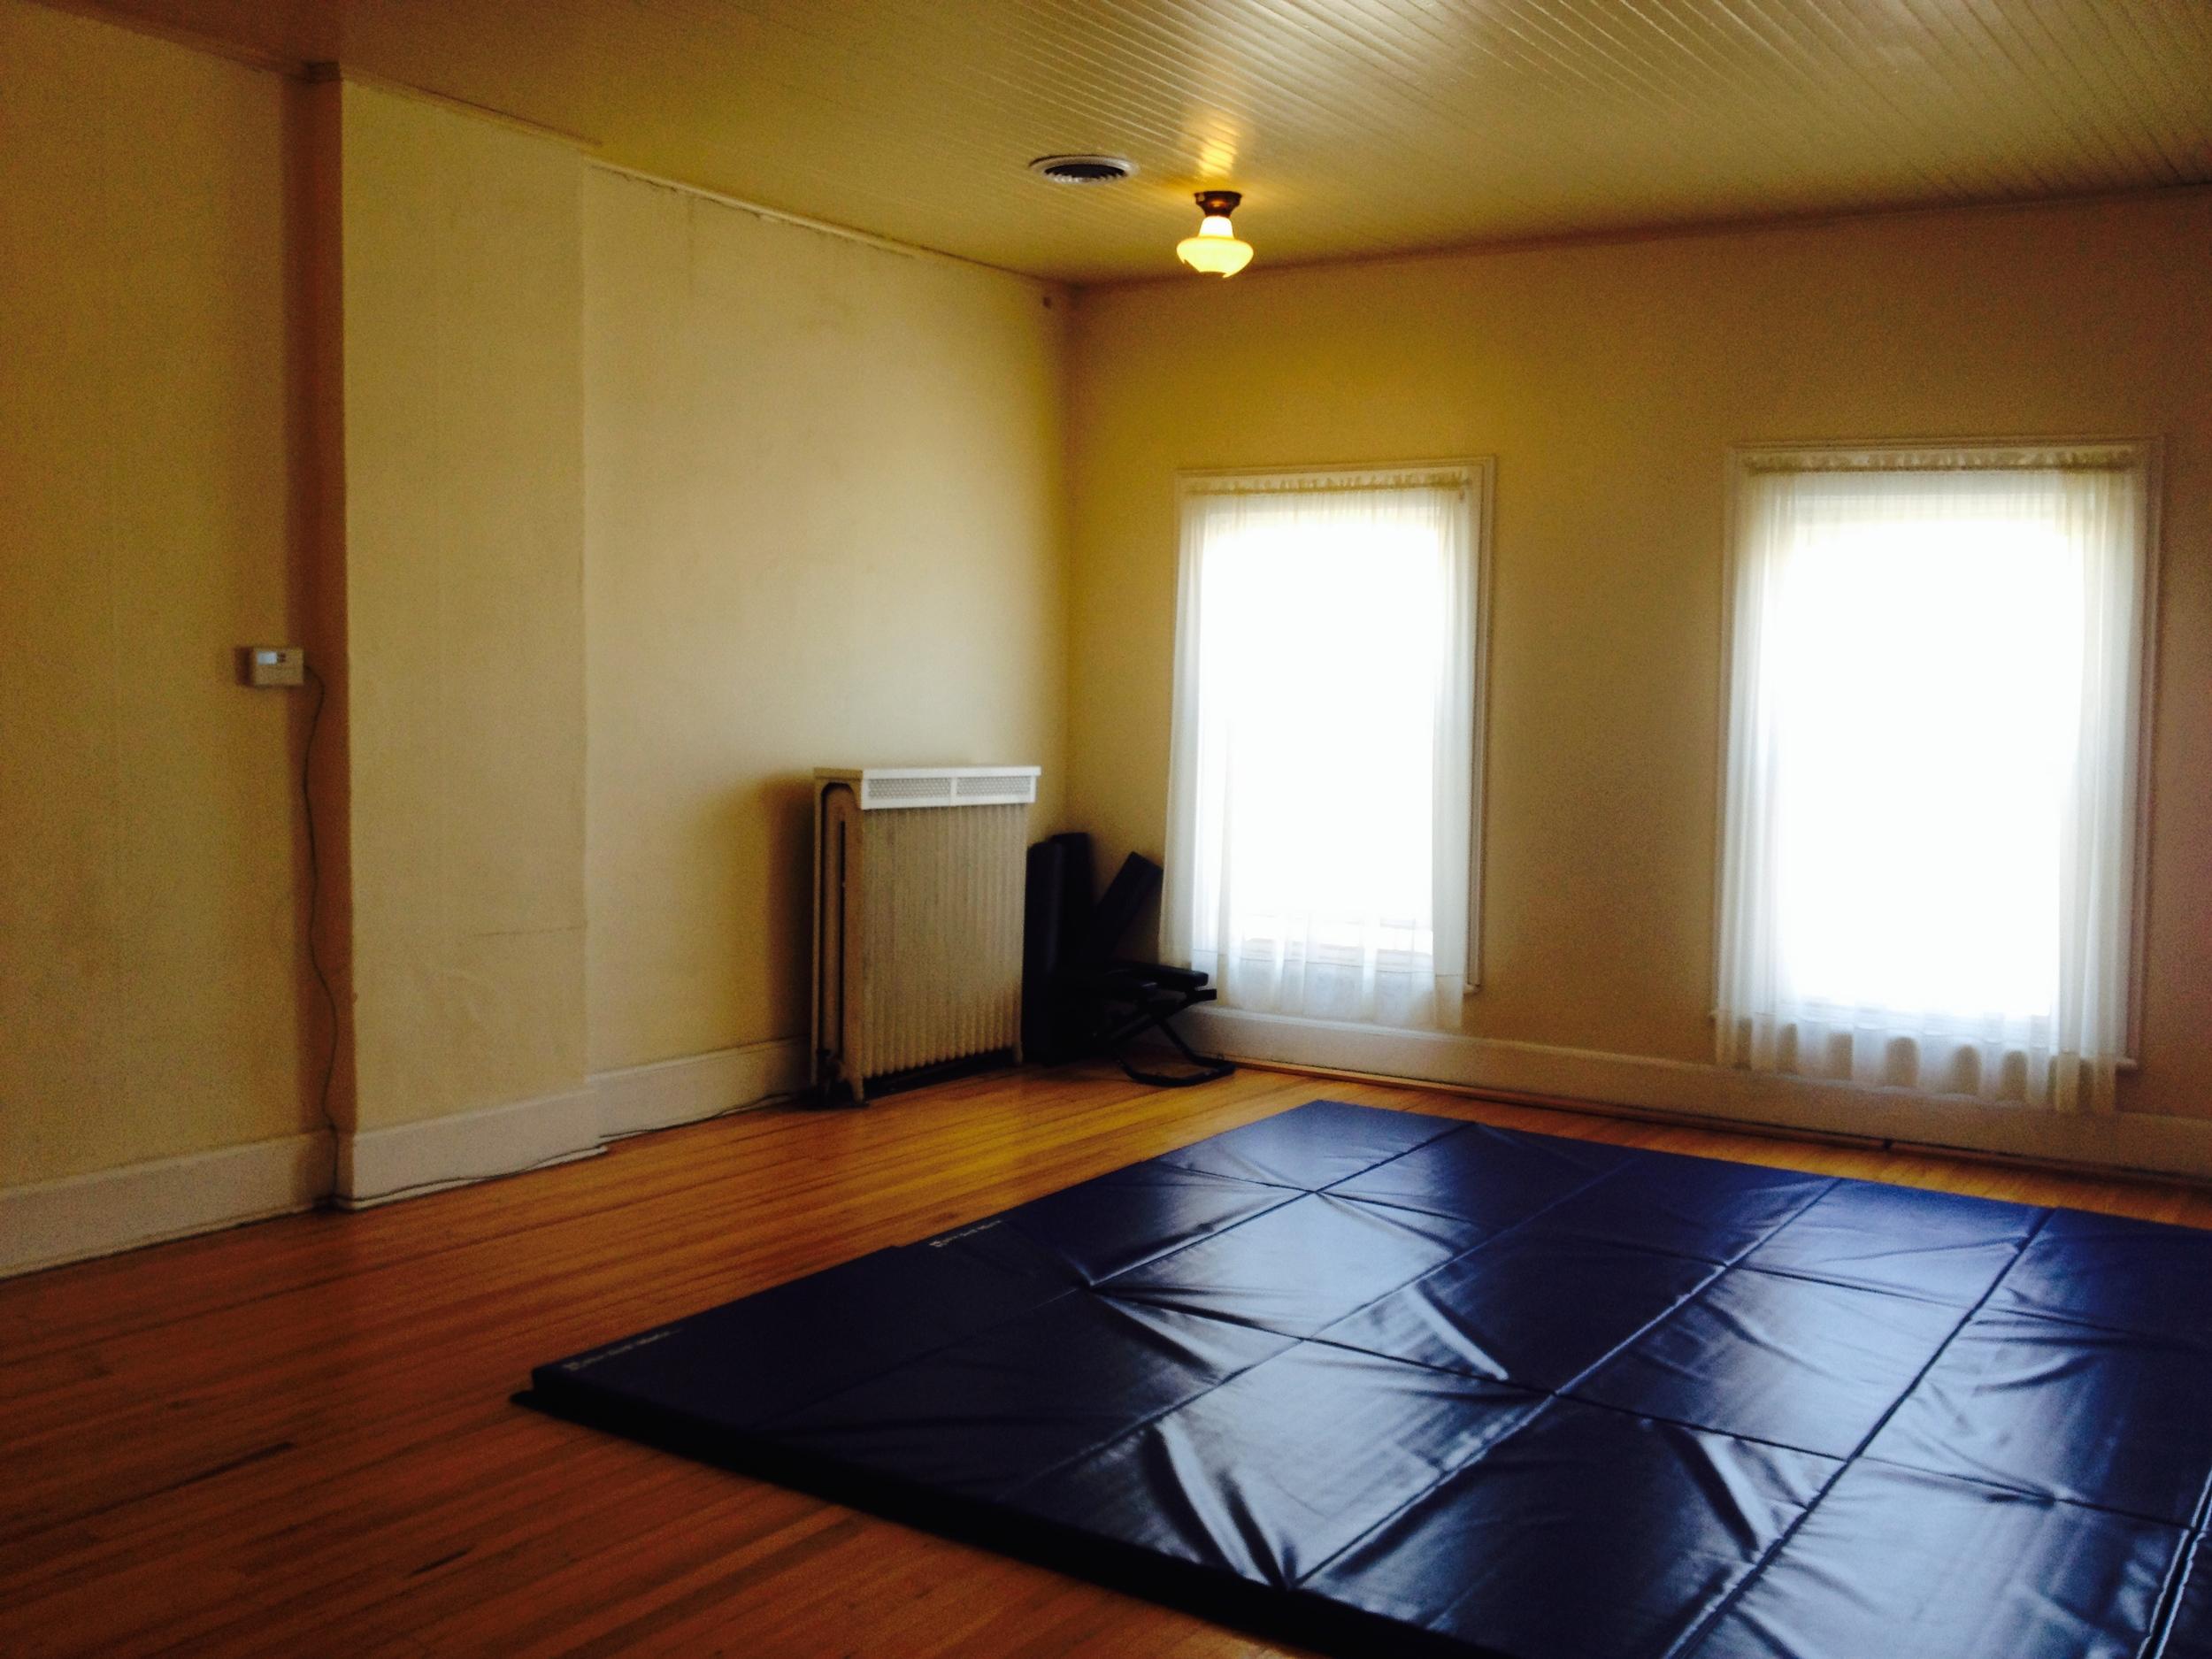 buffet/dj/karate room